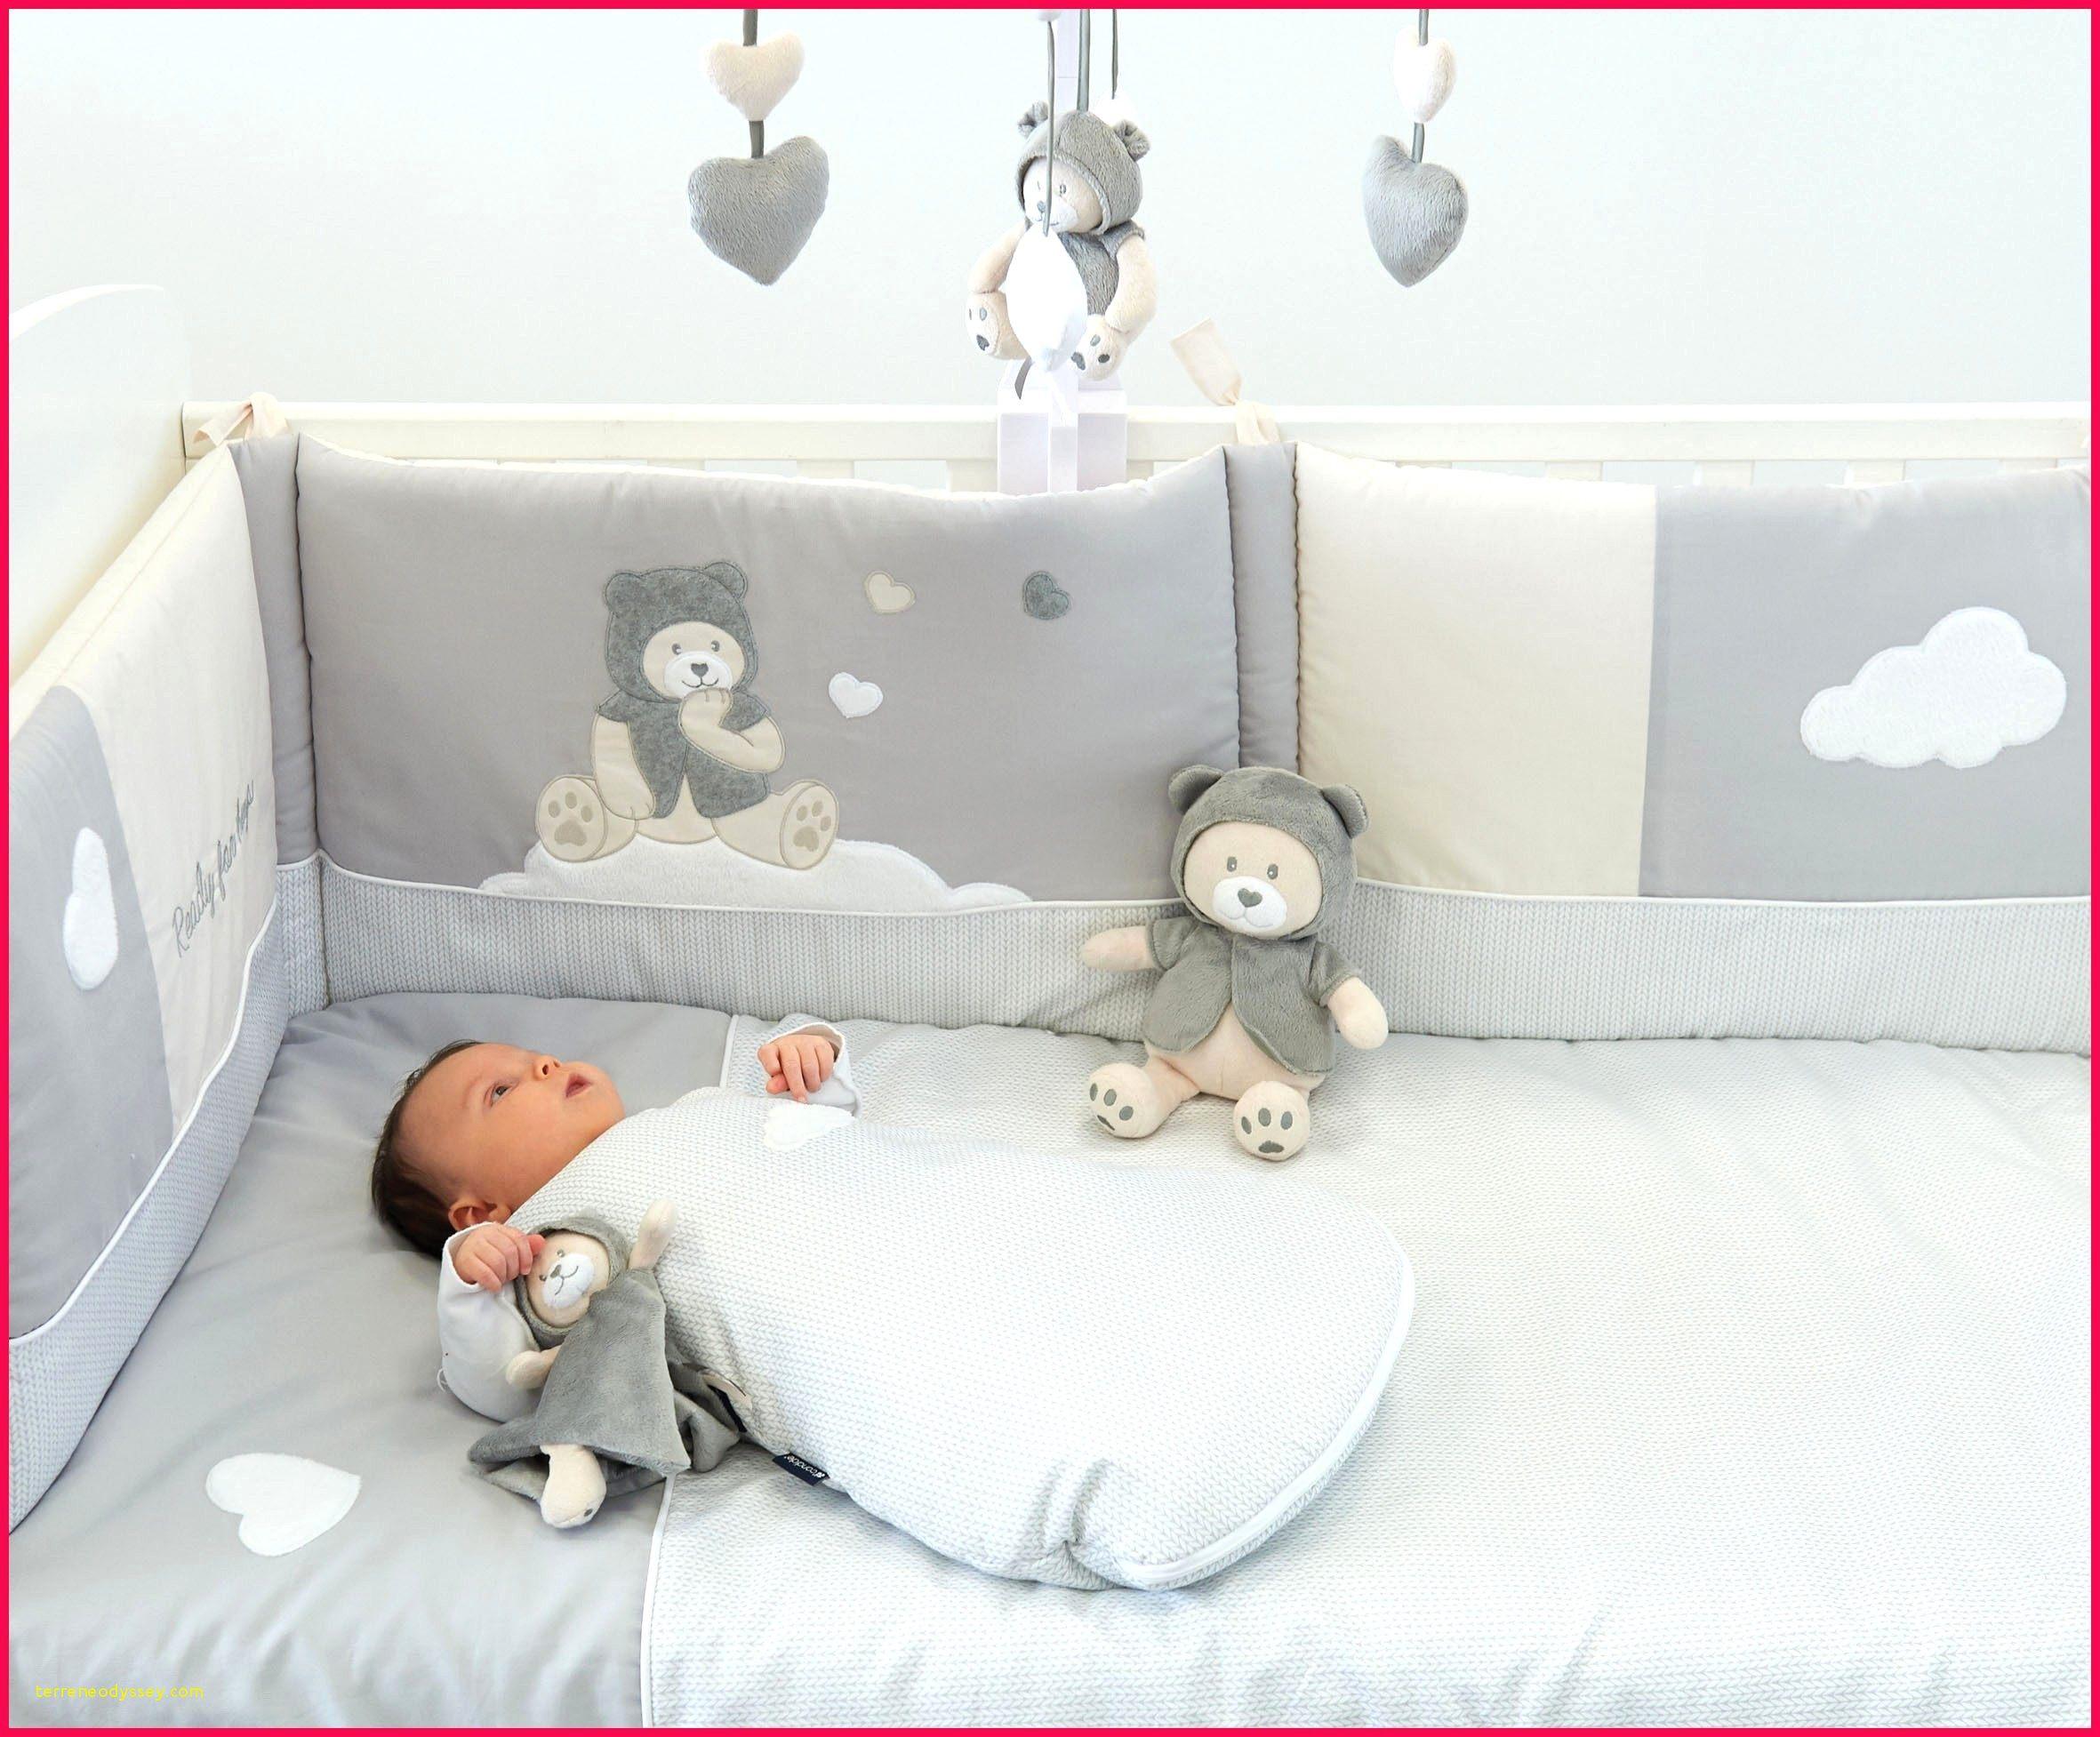 Lit Pour Enfant Fraîche Résultat Supérieur Lit Pour Enfant Incroyable Lit Pour Bebe Charmant